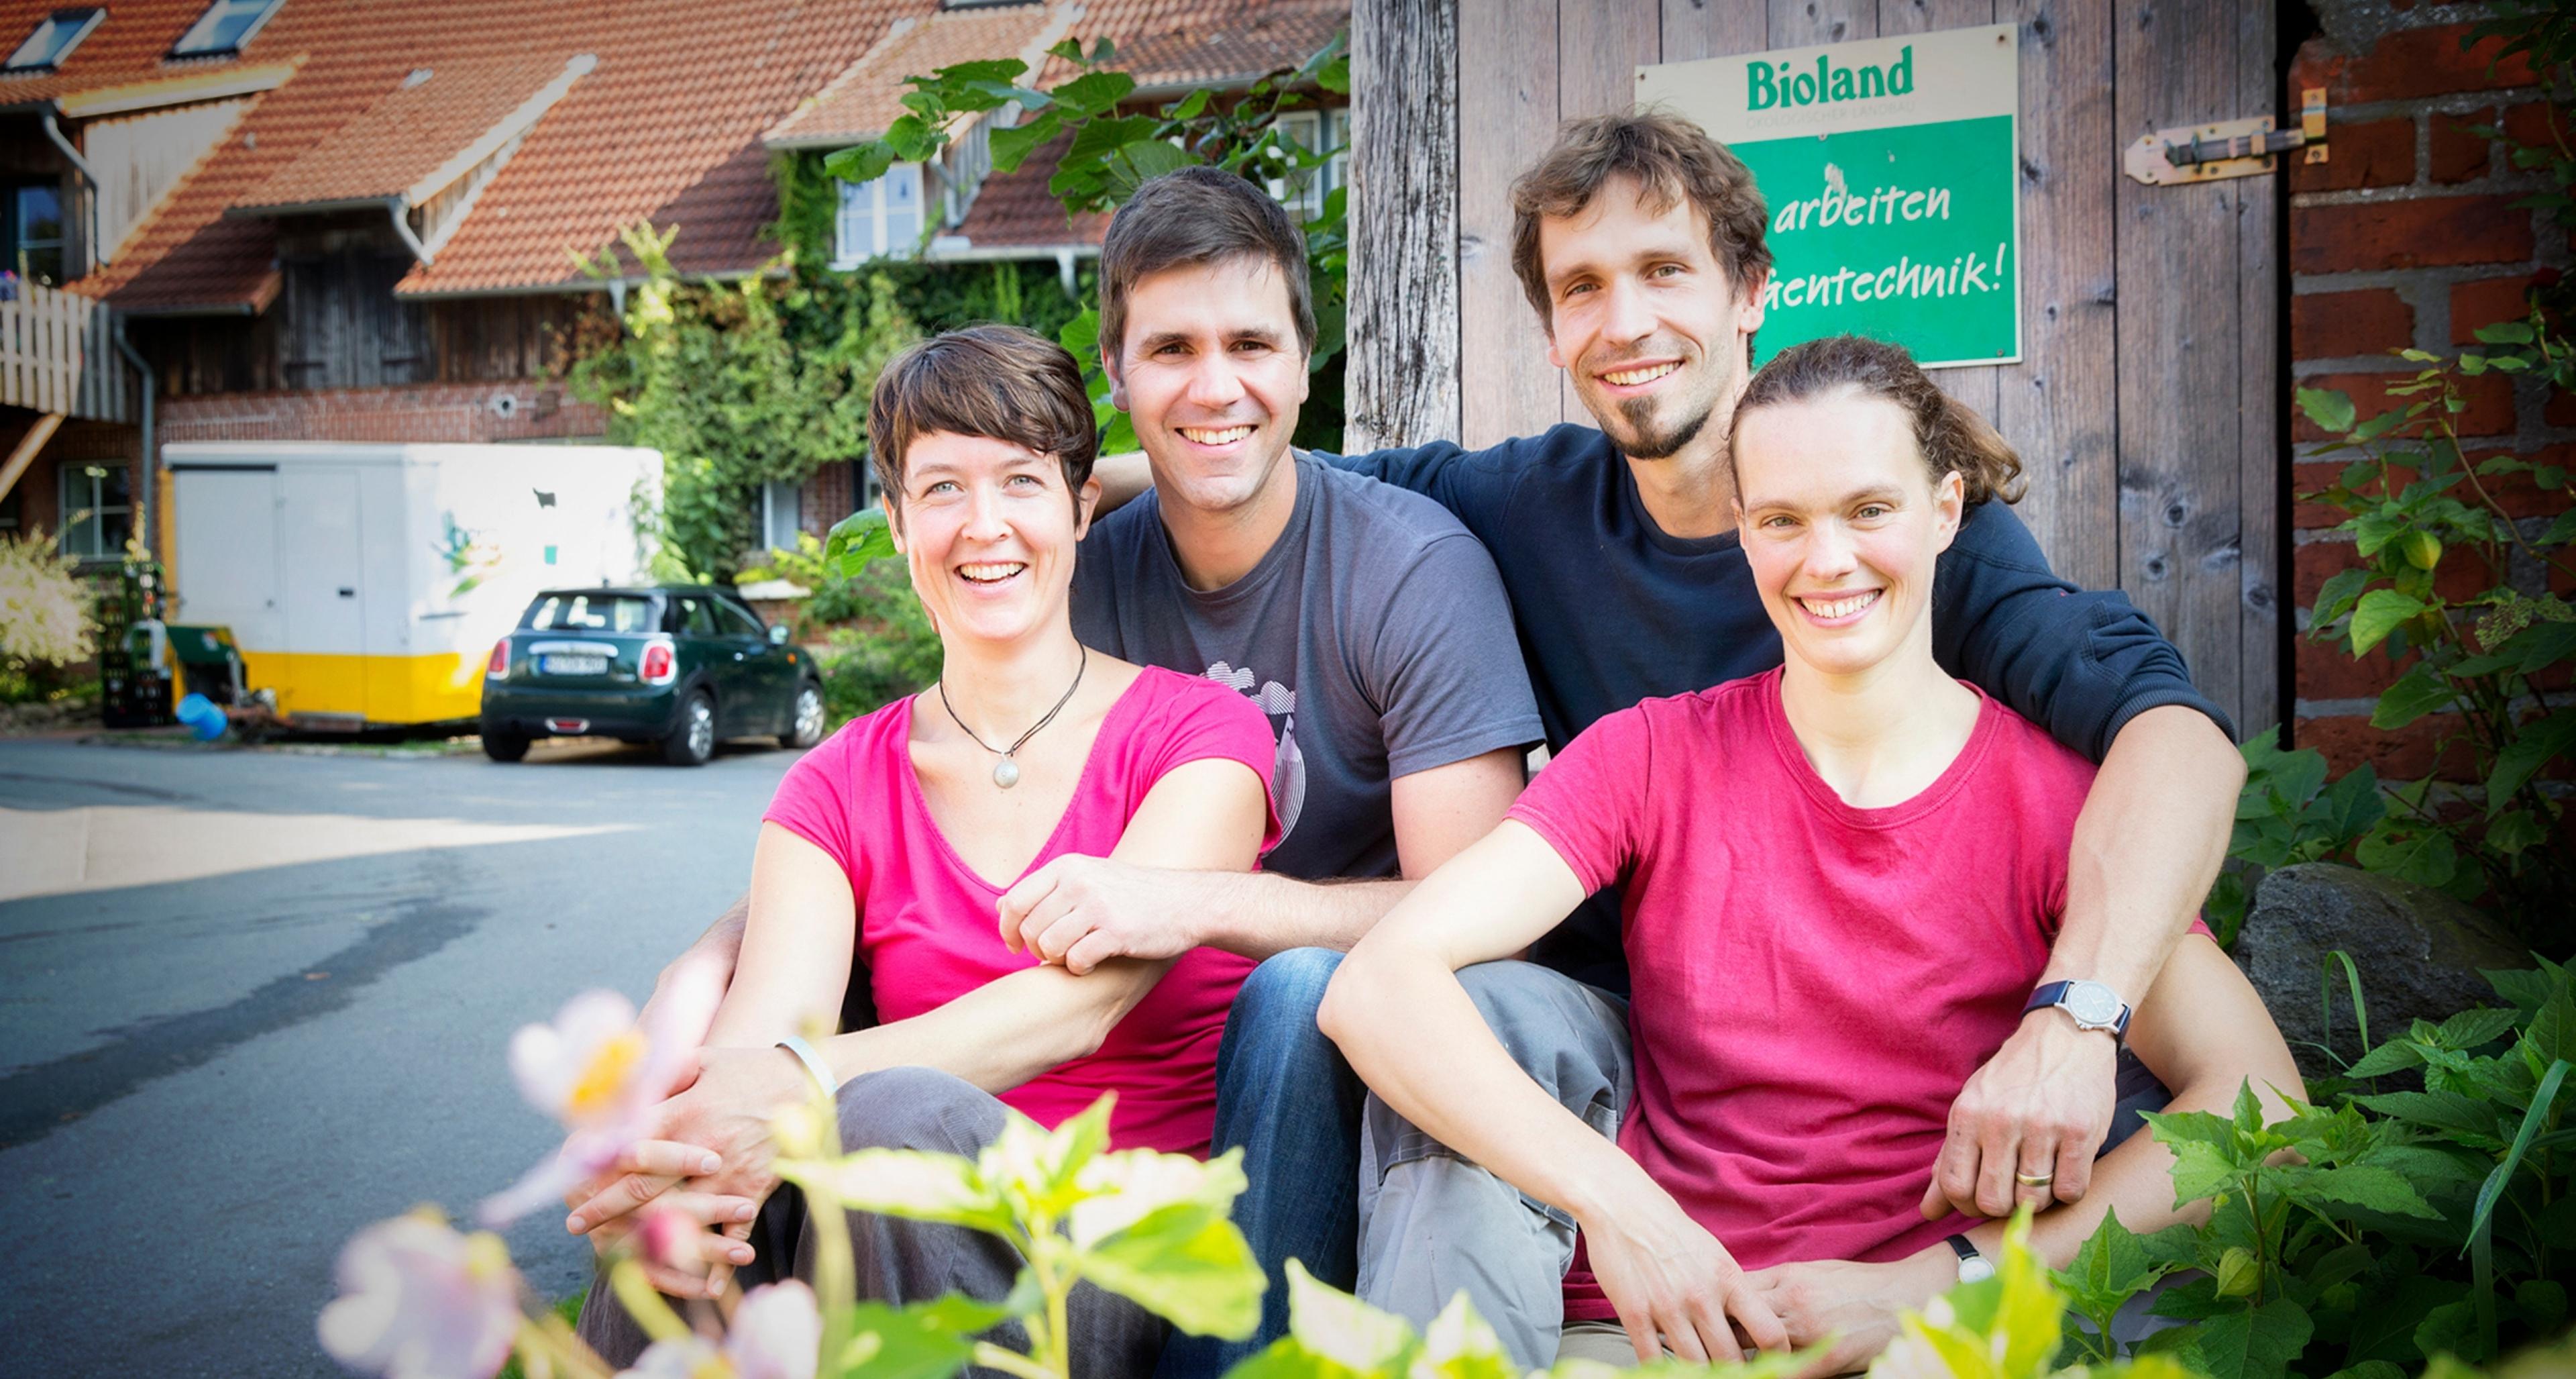 https://www.bioland.de/fileadmin/user_upload/Verbraucher/Blog/So_geht_Bio_/_Mehr_Berufung_als_Beruf_/Blog_Header.jpg